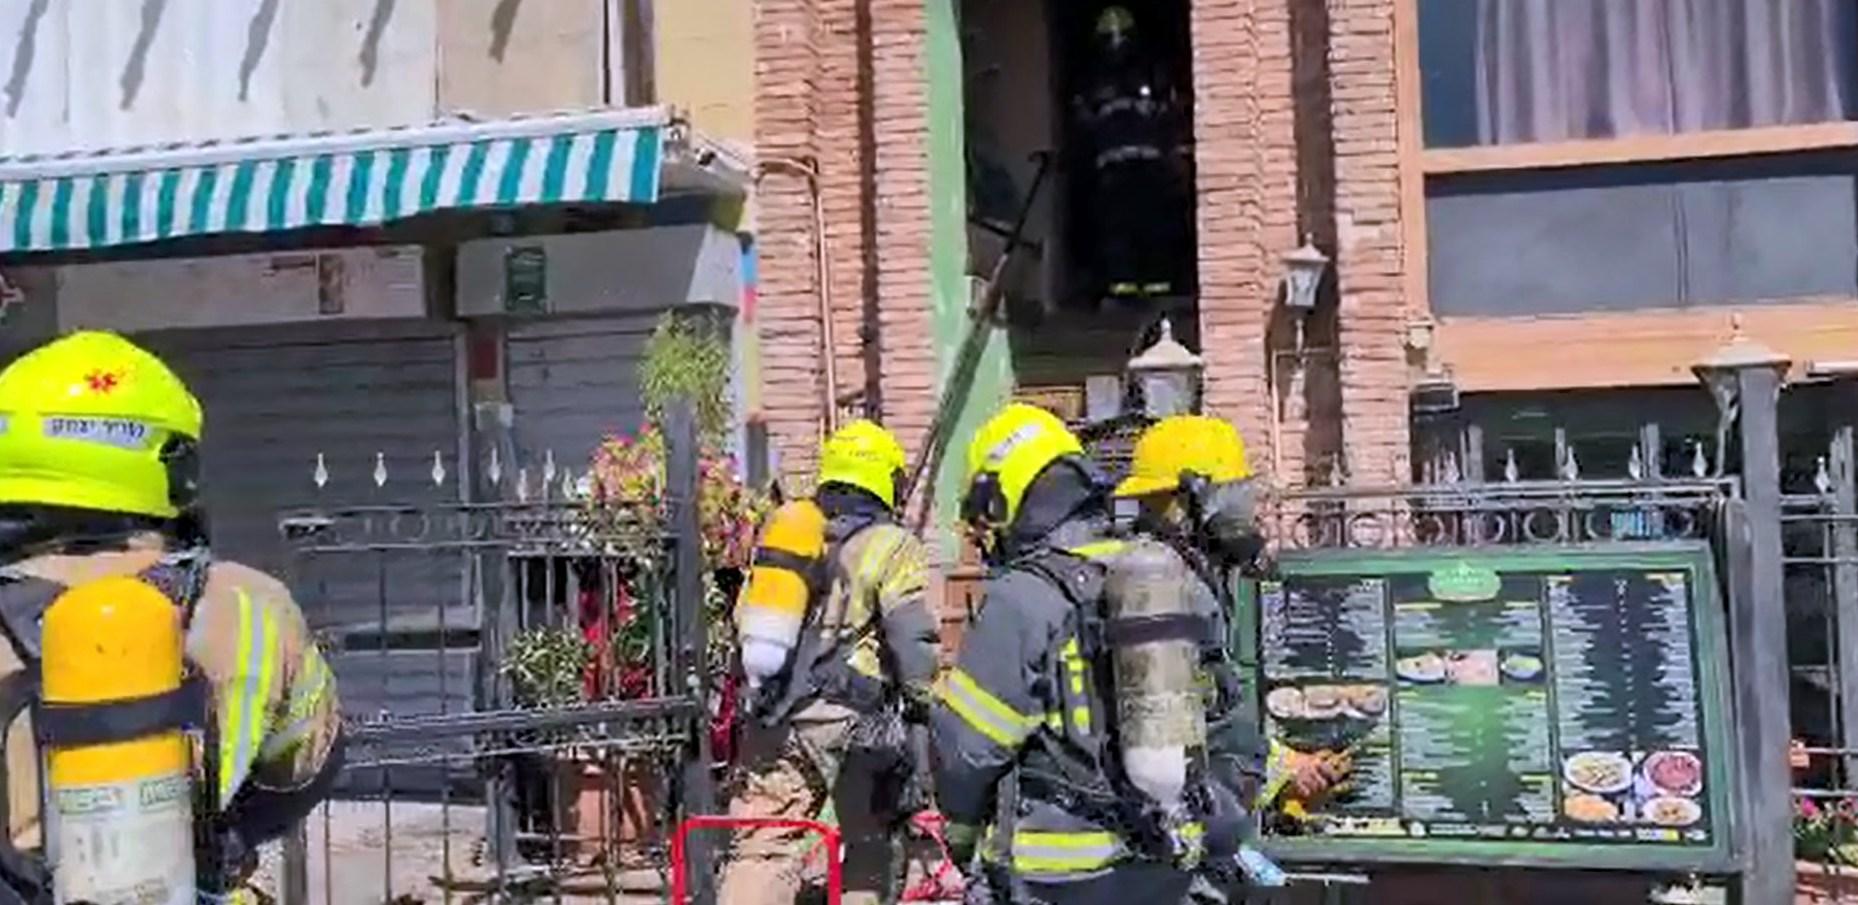 צפו: שריפה במרכז התיירות באילת